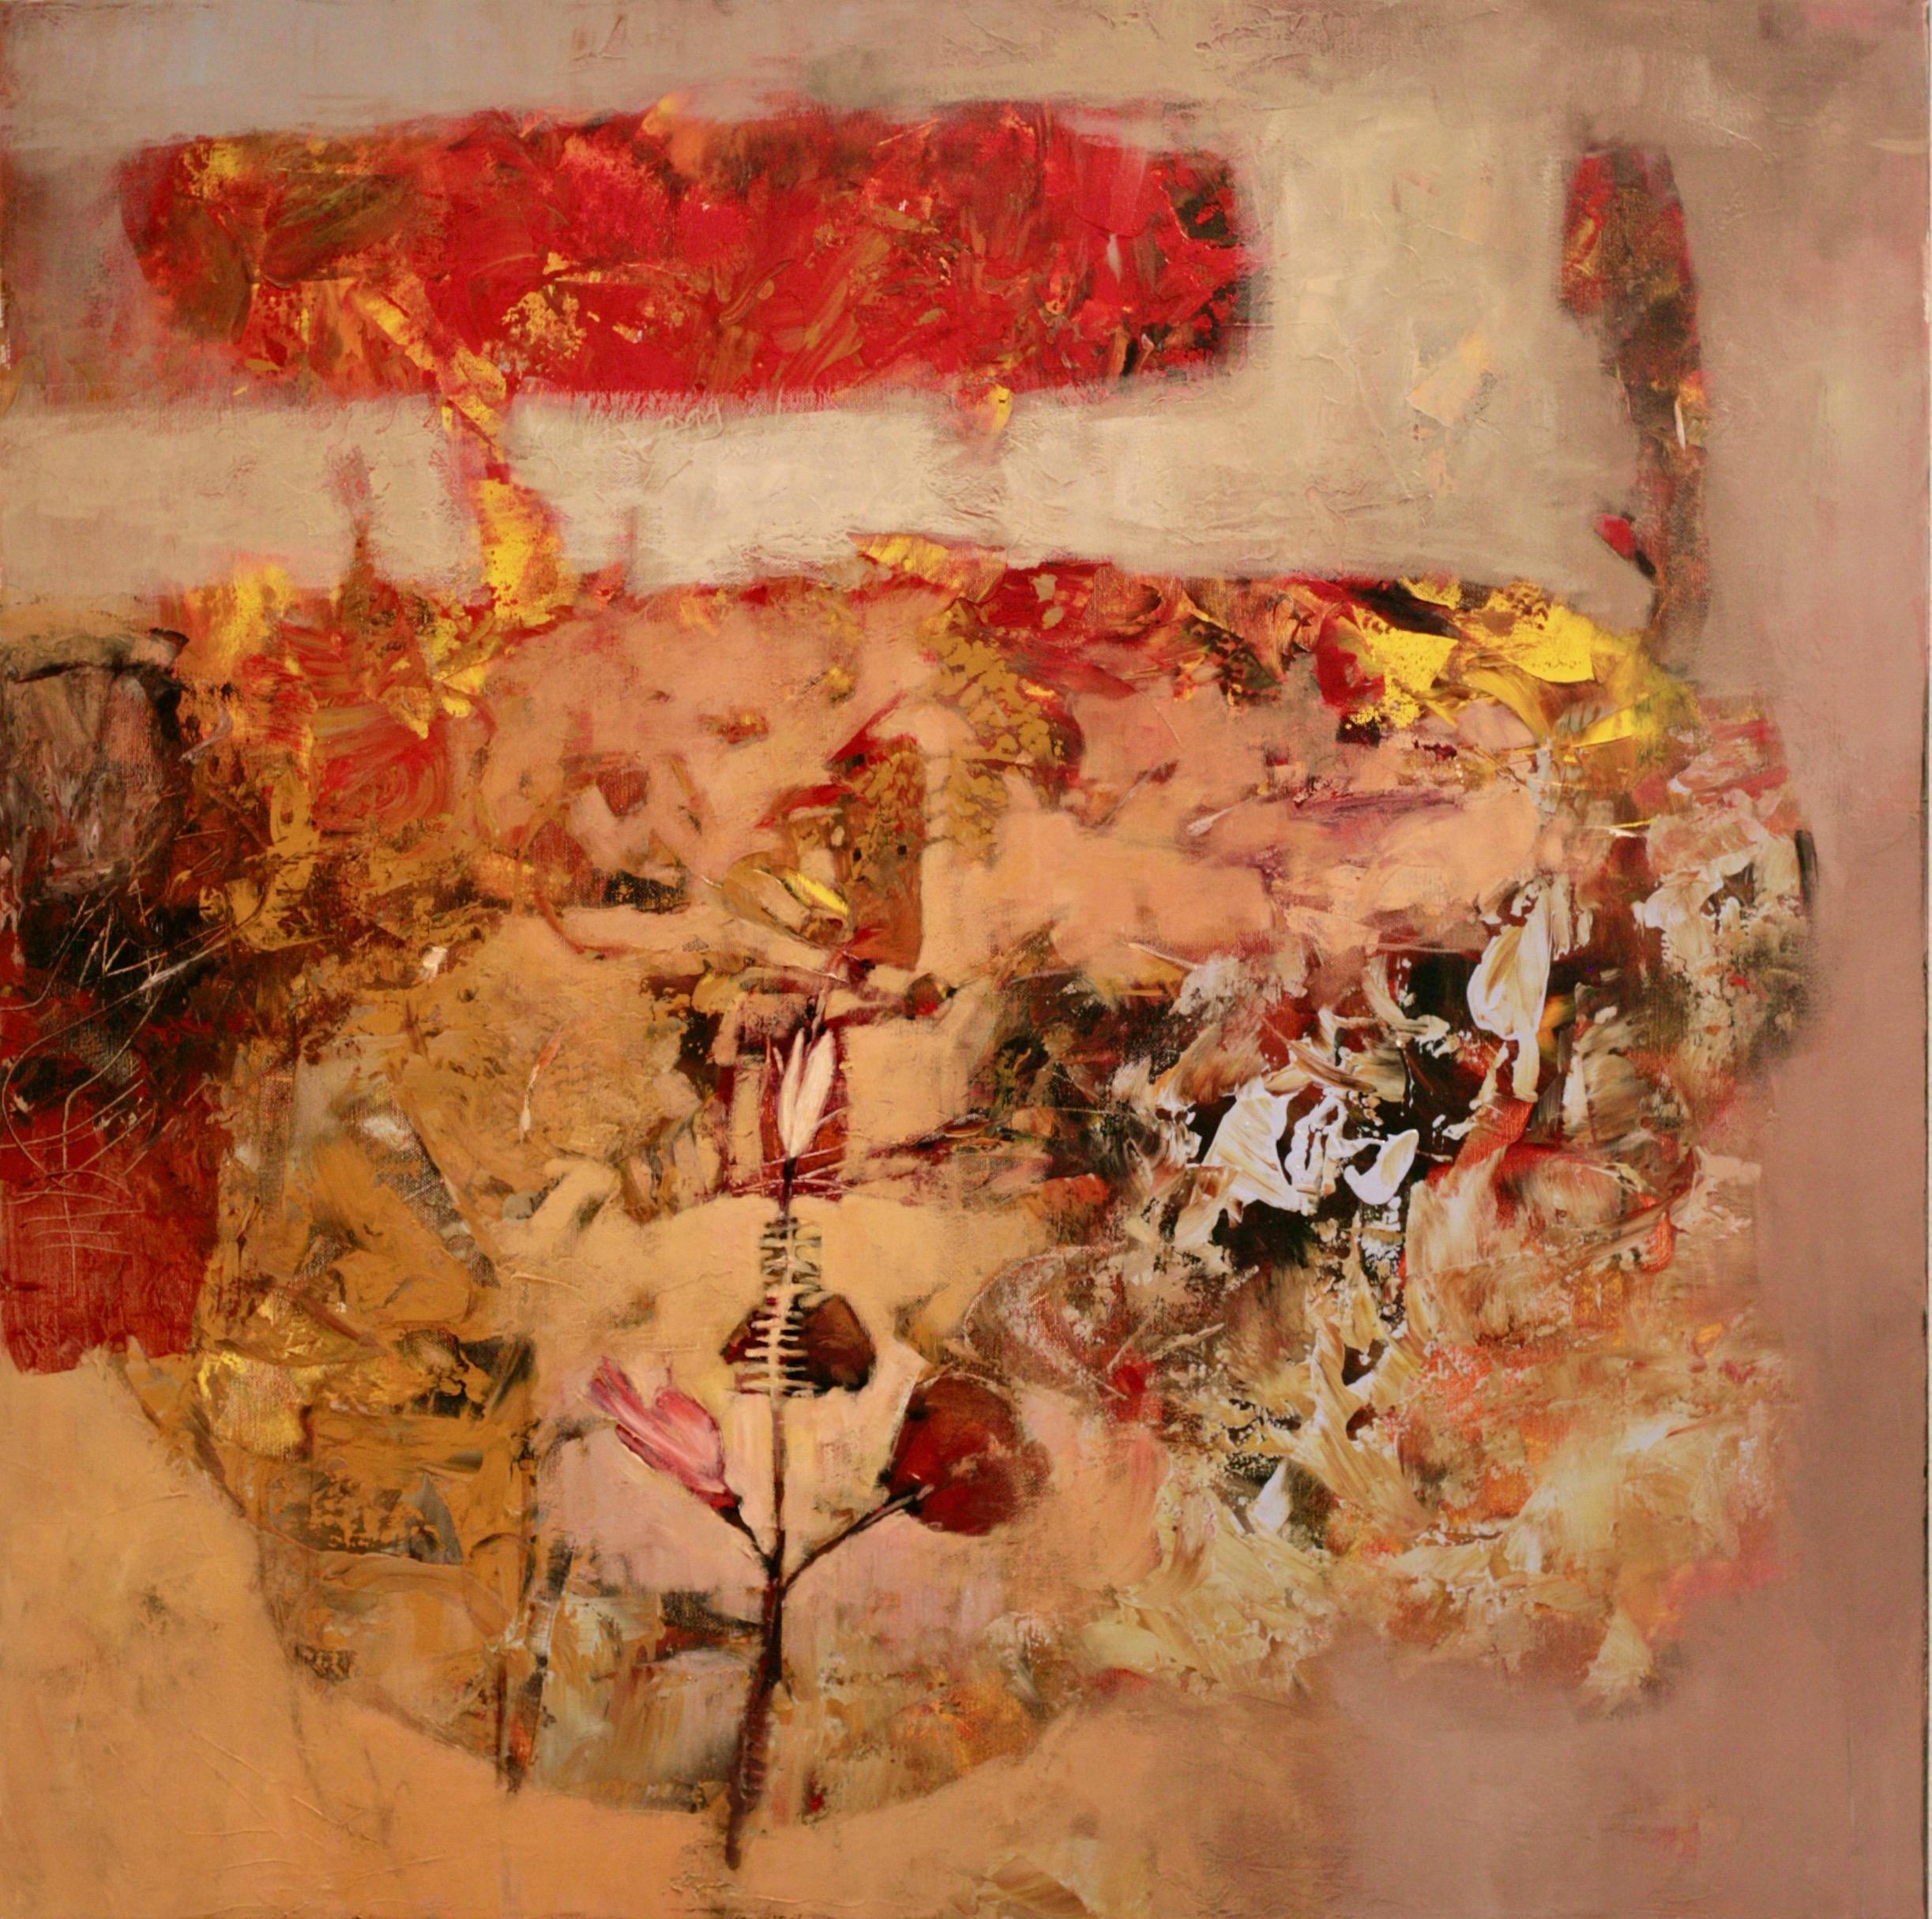 Oleg Bondarenko - Flower field, oil painting